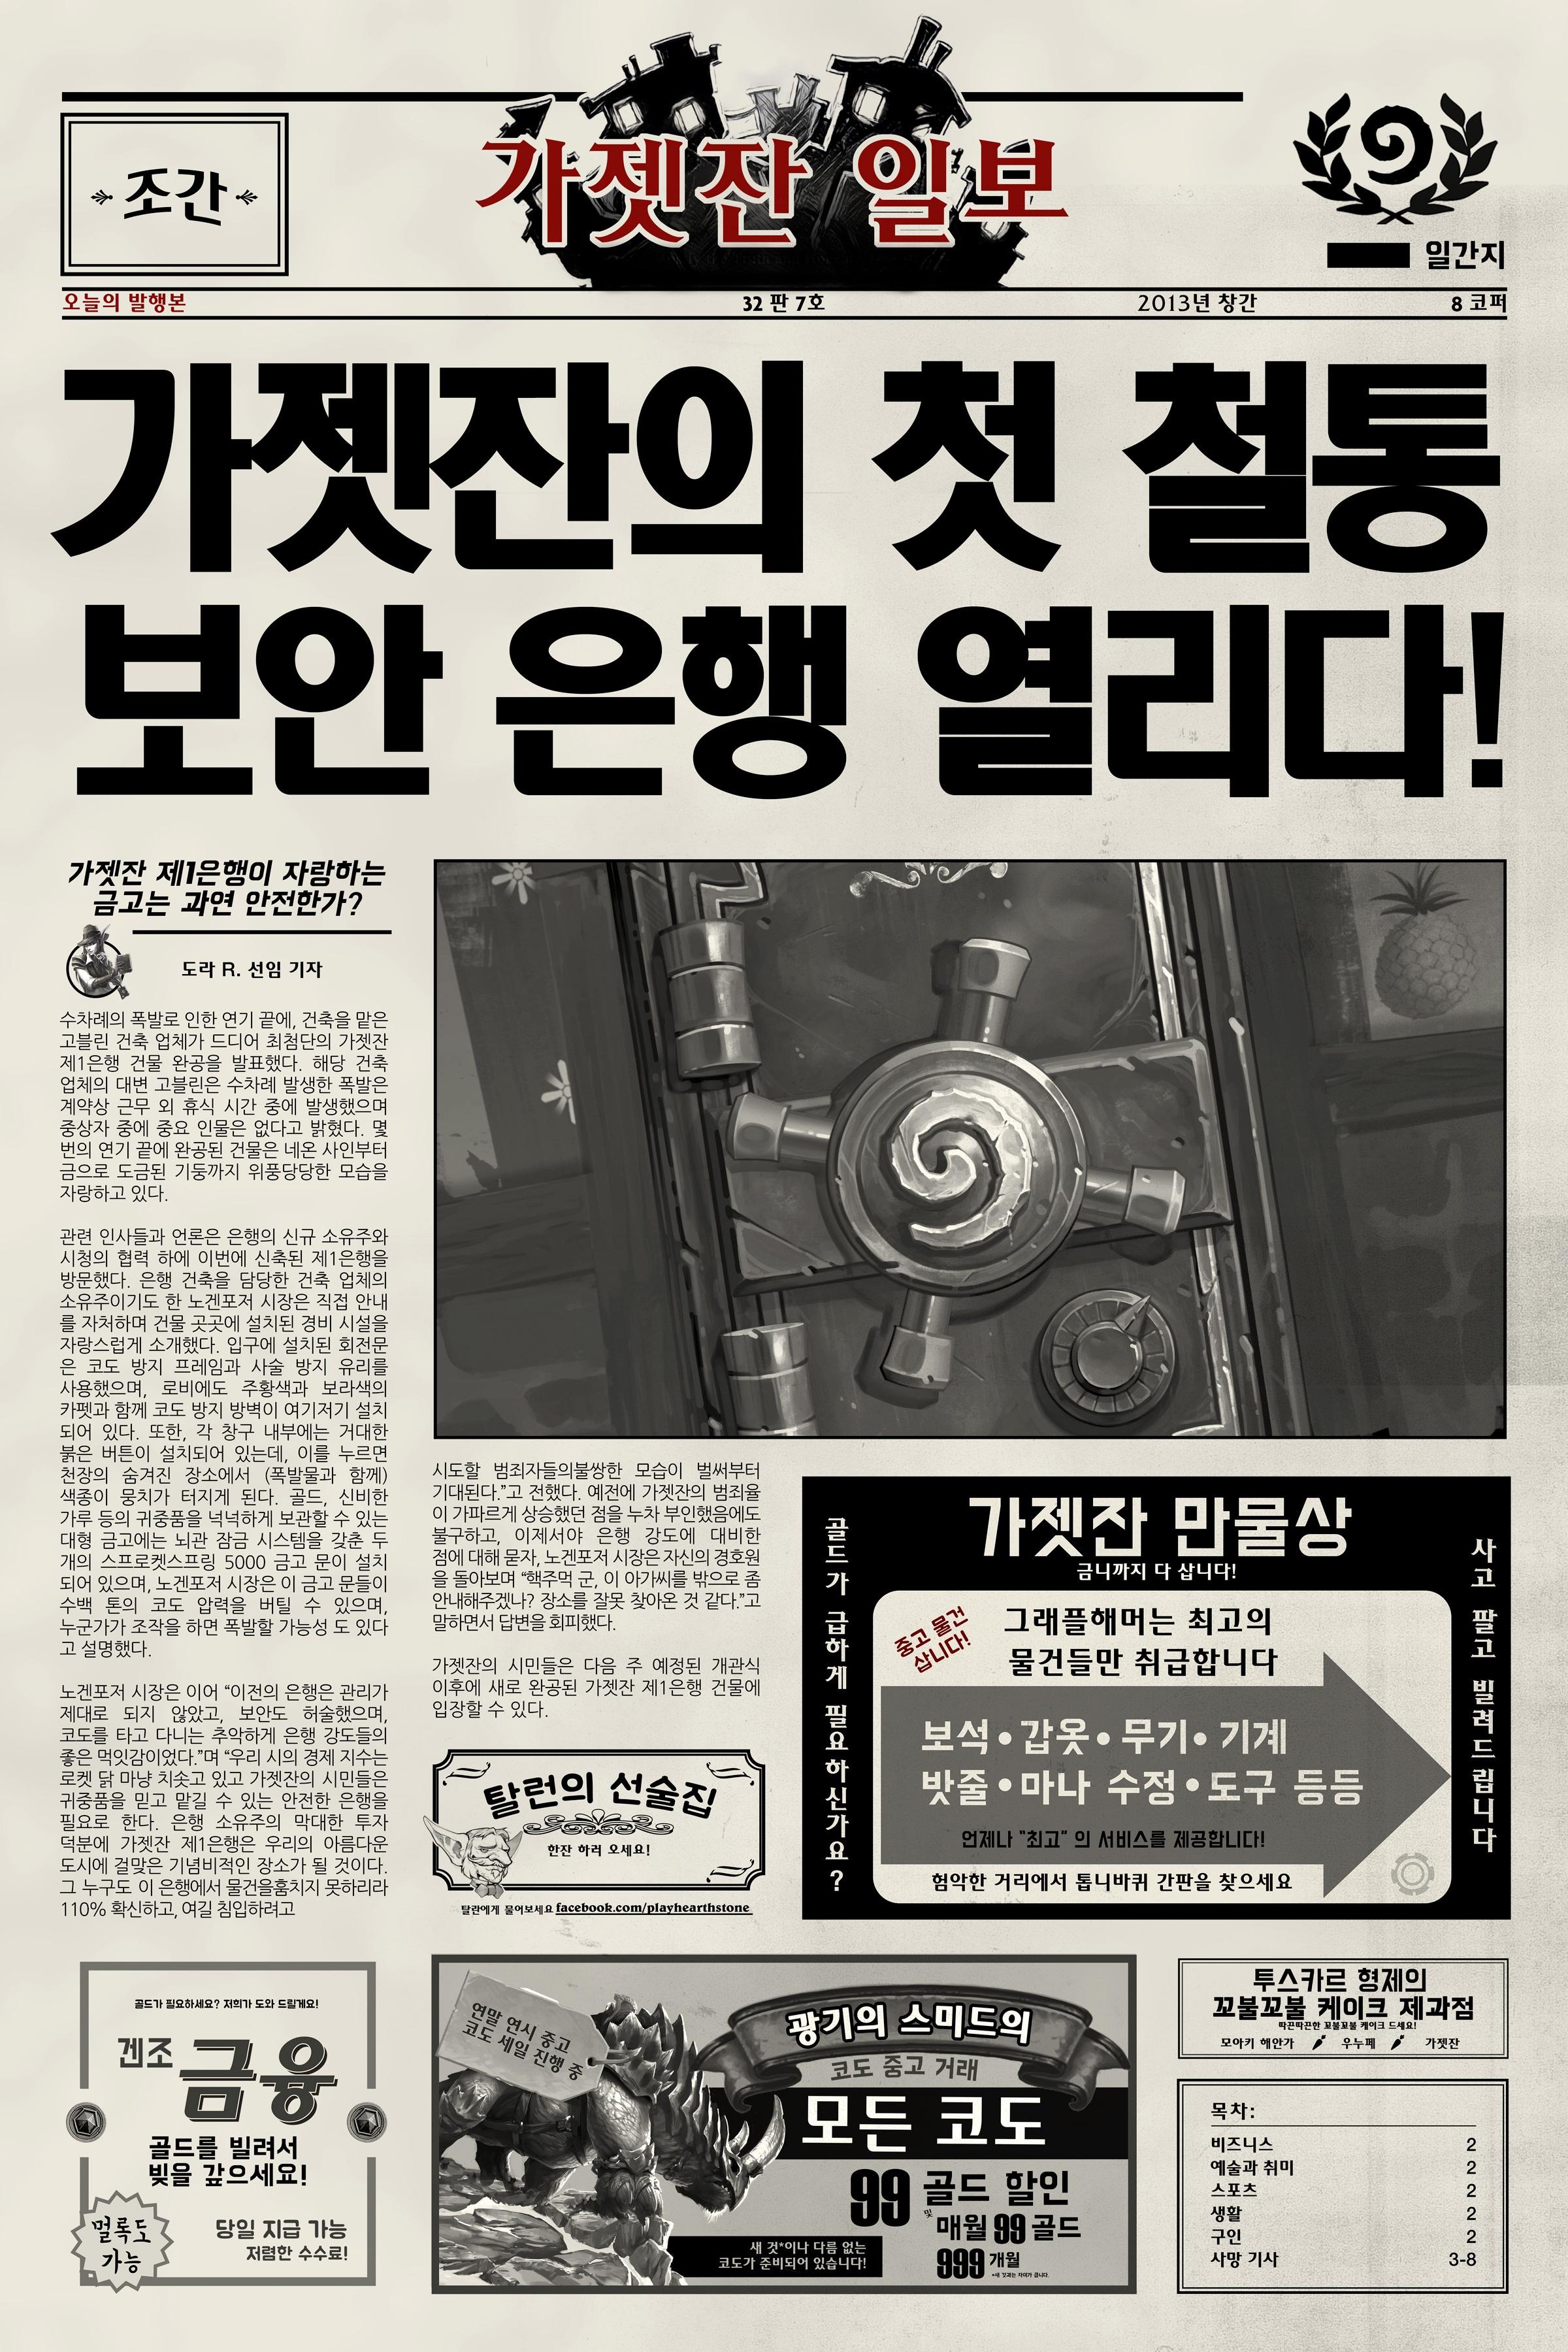 01Bank_enUS_HS_Newspaper_EK.jpg